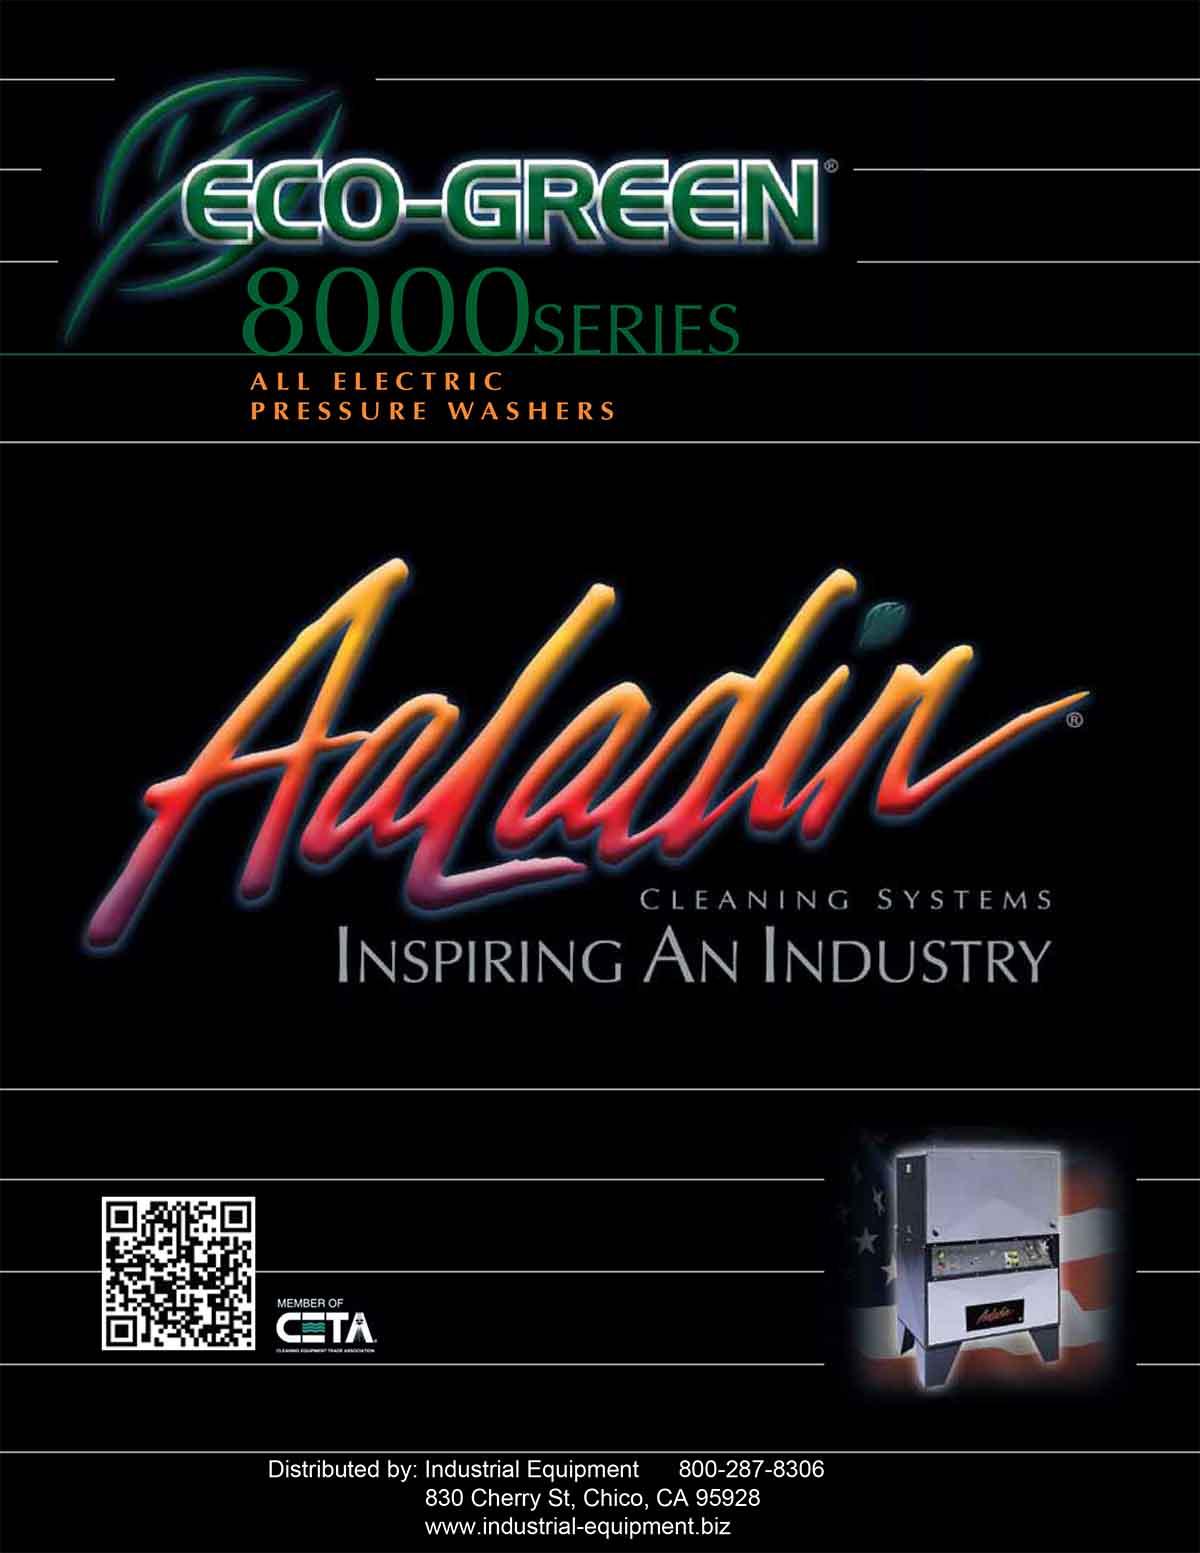 Aaladin Eco-Green 8000 Series Flyer